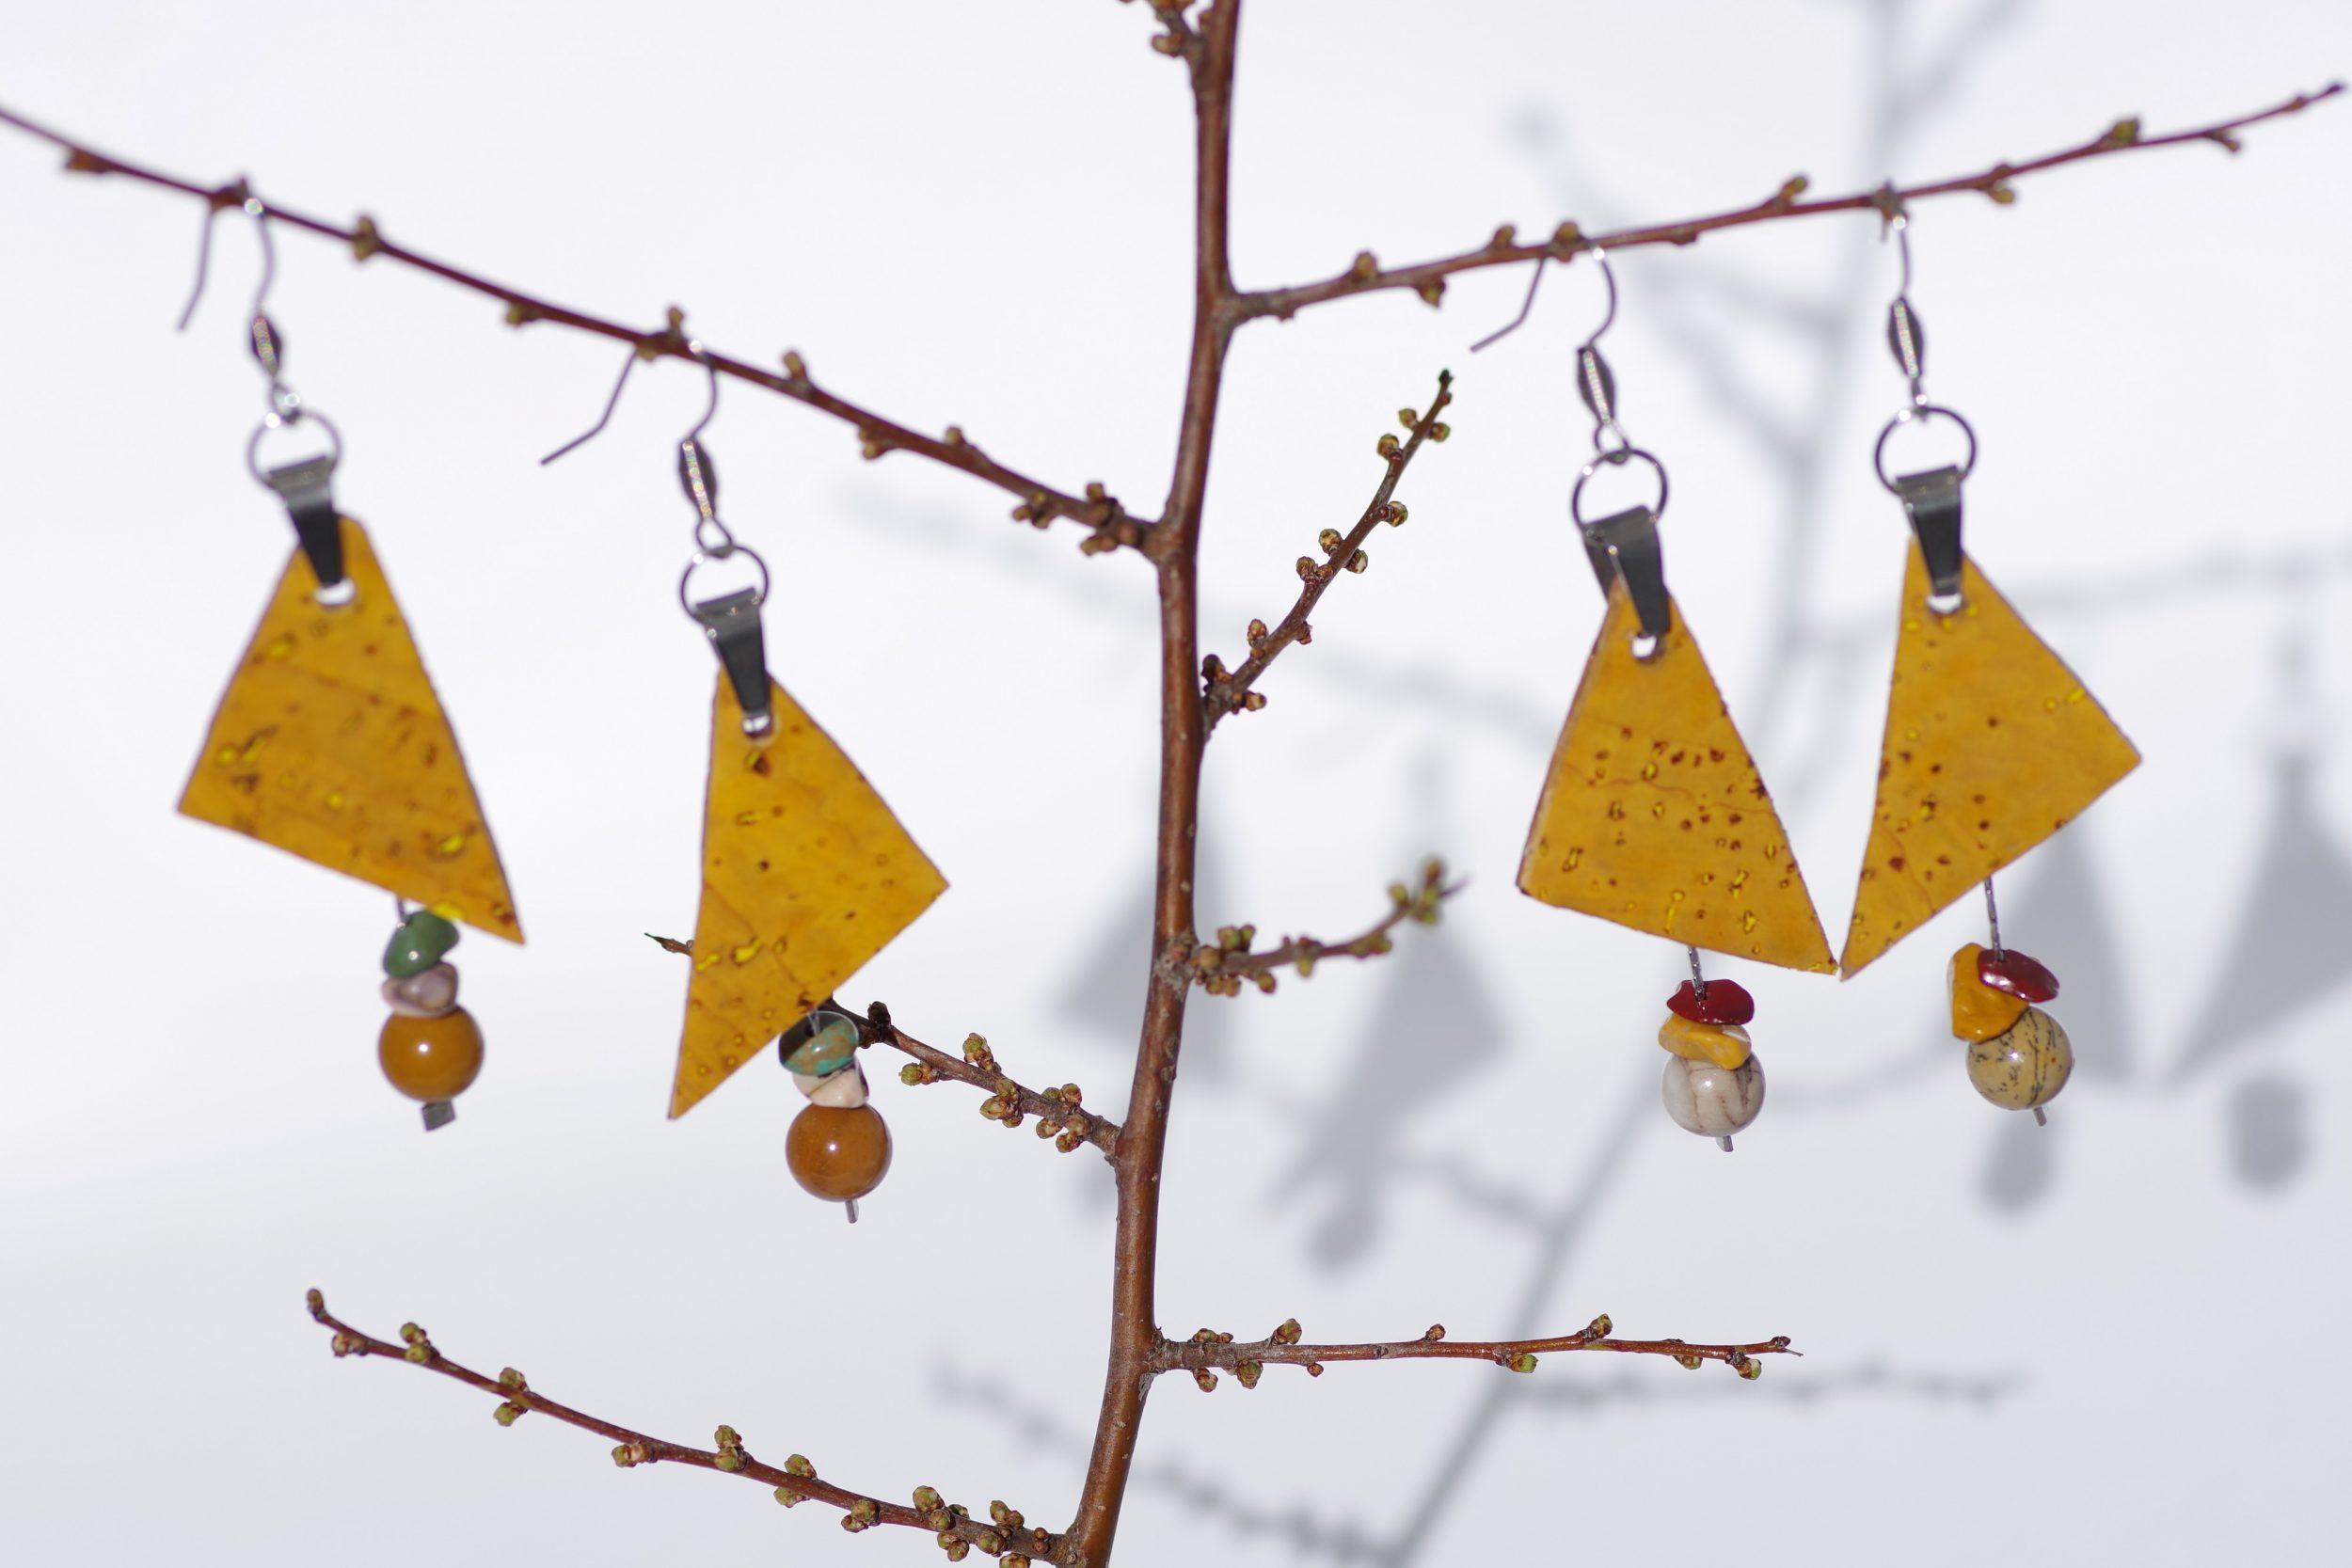 deux paires de boucles d'oreilles avec des triangles de liège jaune associés à des chaînes et pierres gemmes qui pendent sous les triangles, couleurs assorties